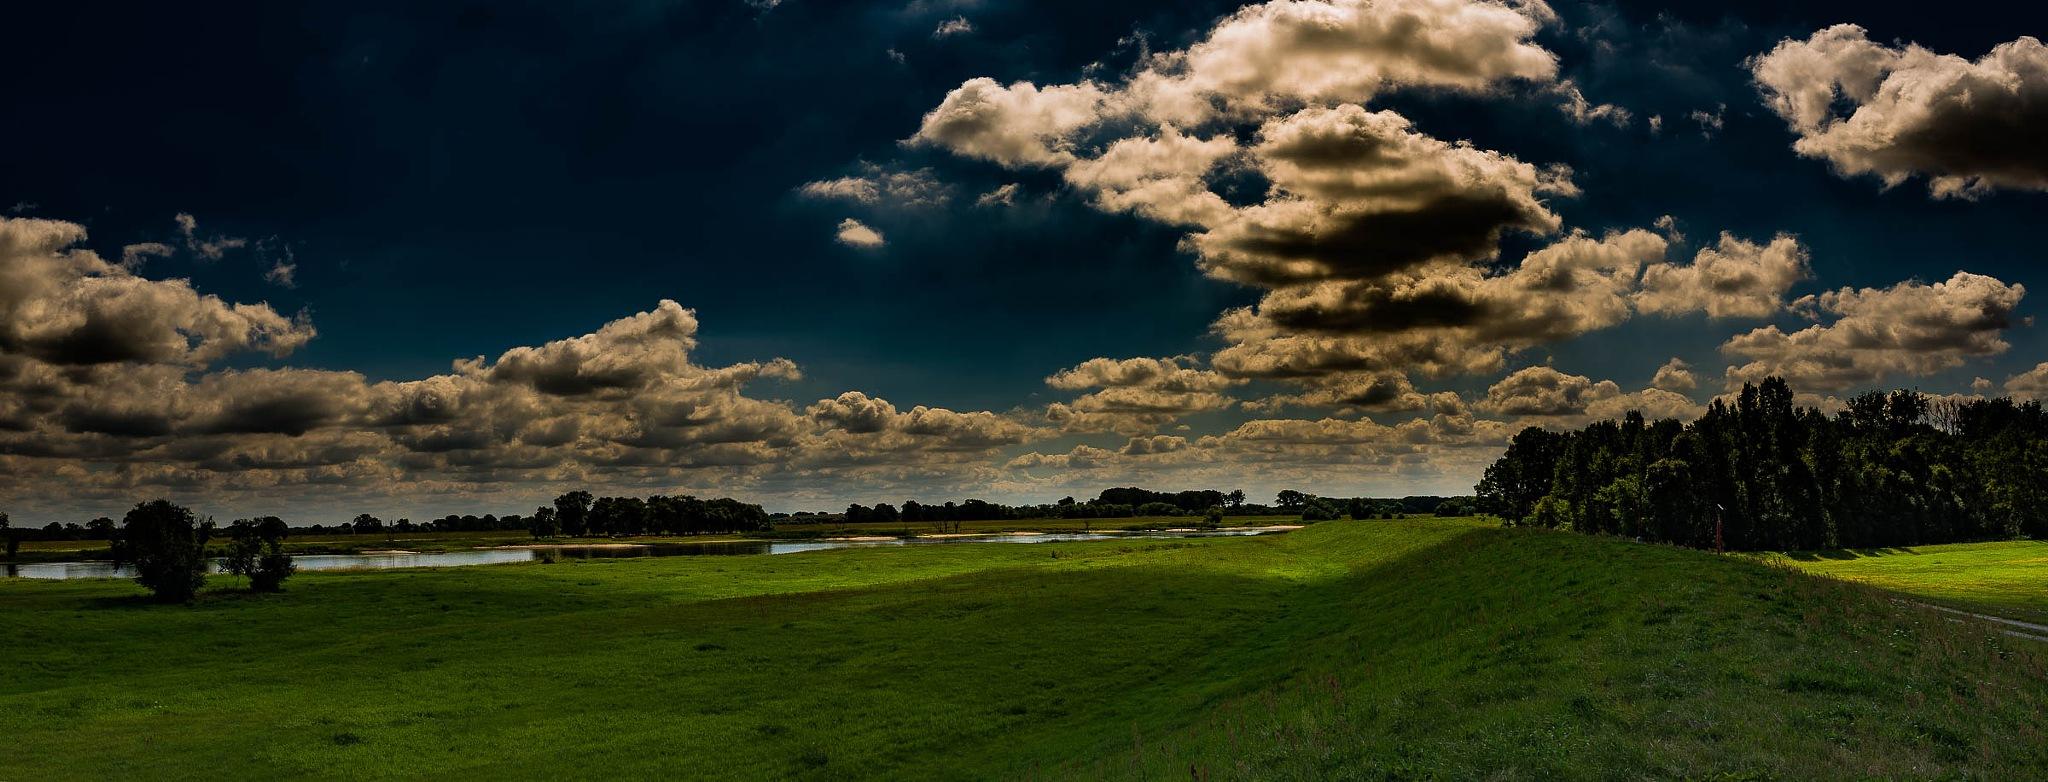 Photo in Landscape #landscape #elbauen #clouds #pano